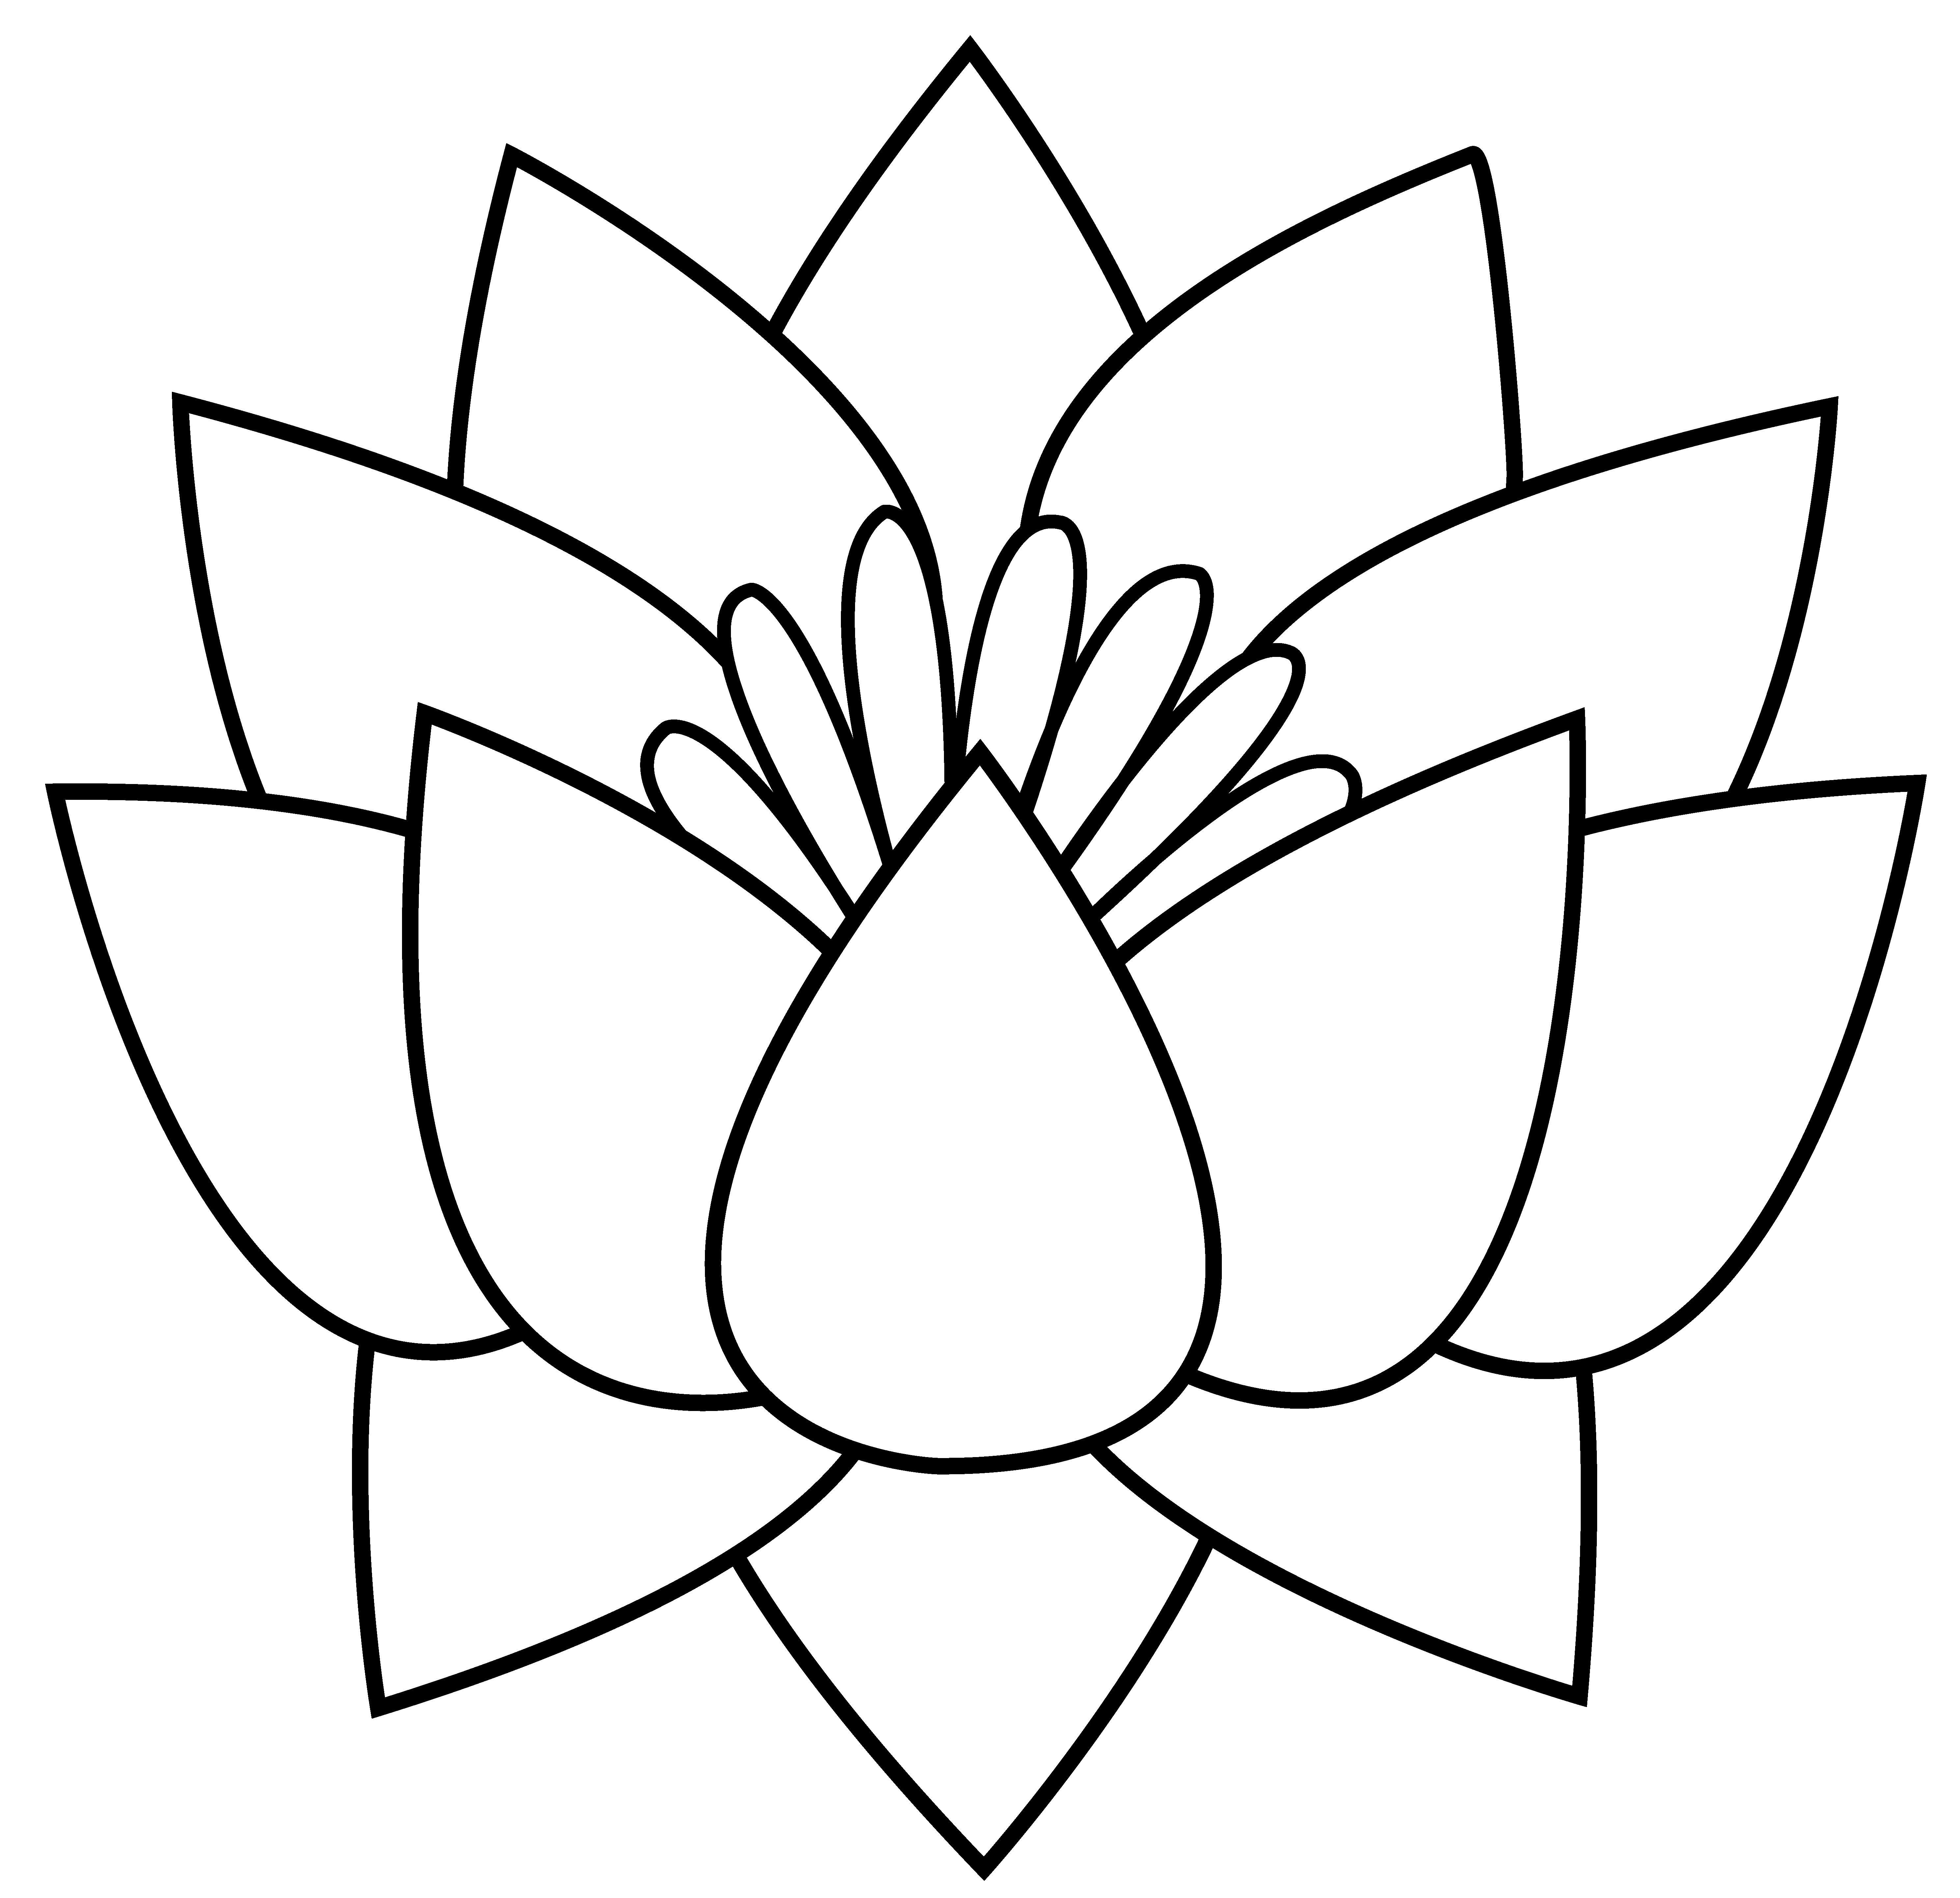 5953x5764 Lotus Flower Simple Drawings